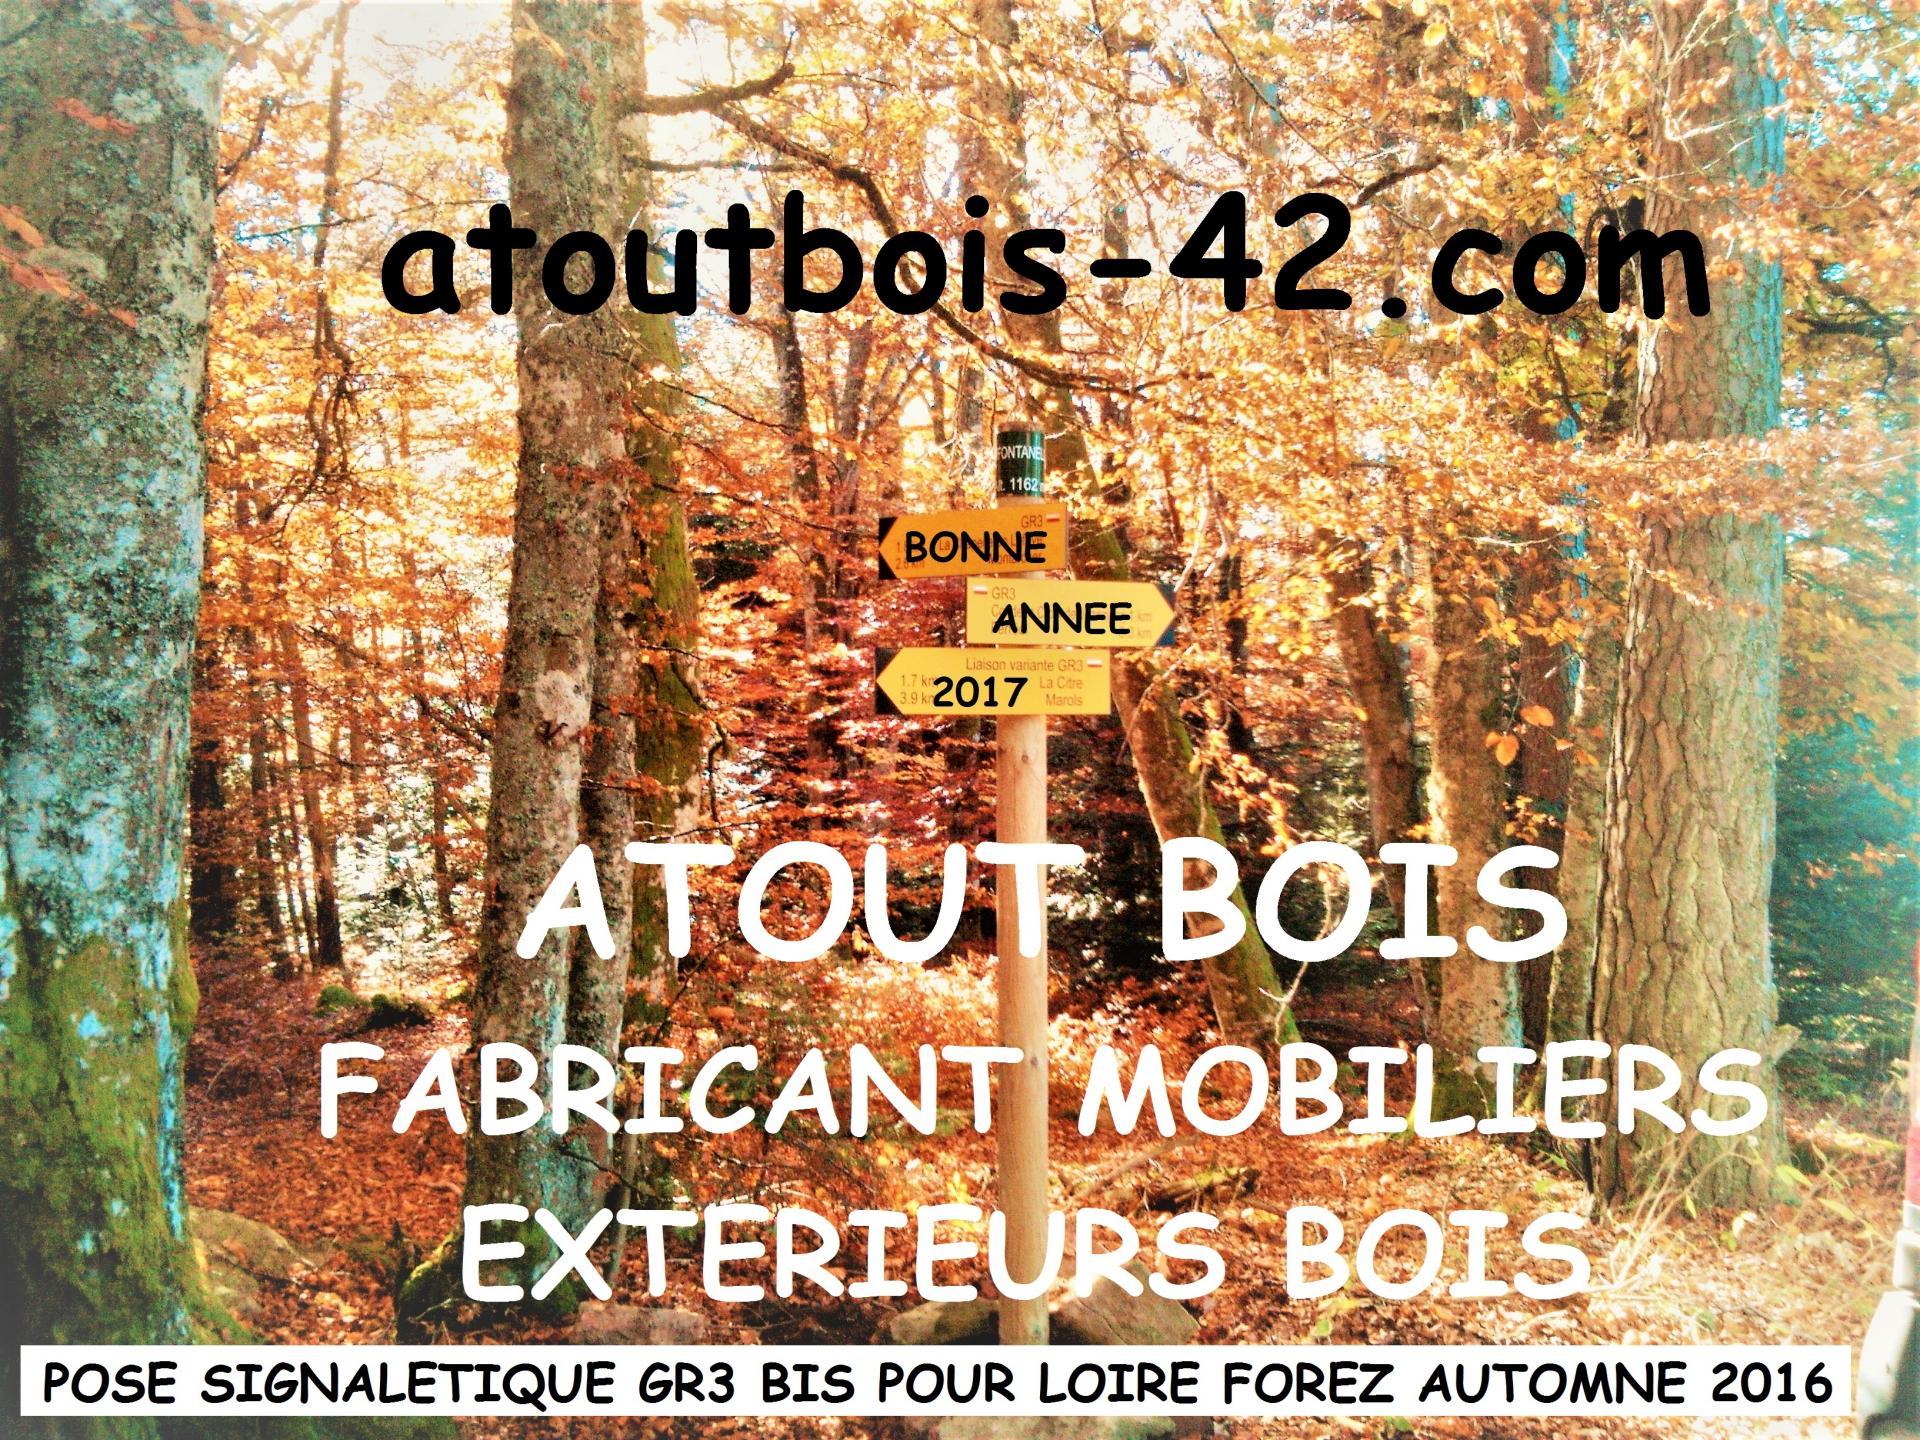 Atout bois voeux 2017